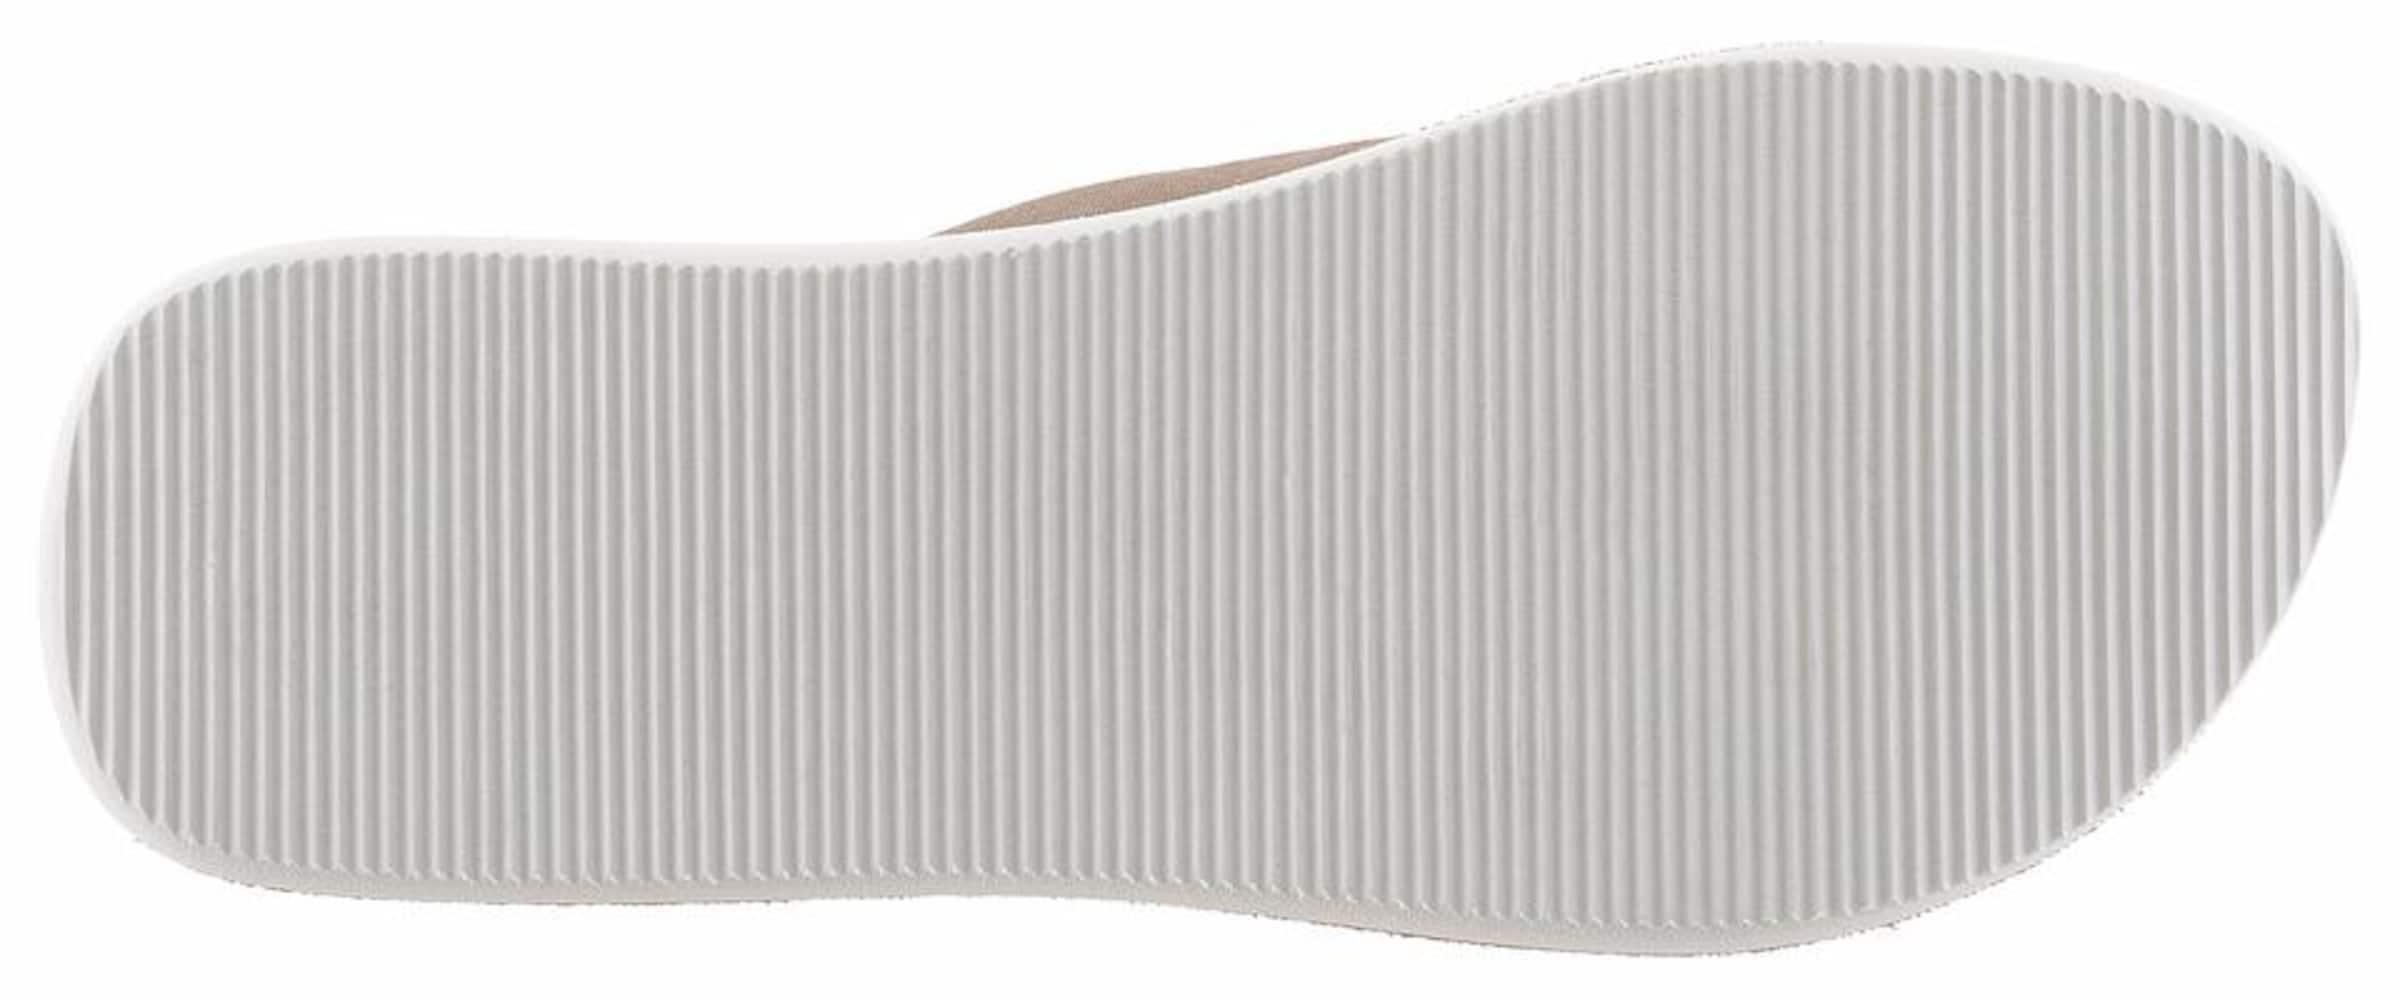 Angebote Zum Verkauf Verkauf Zuverlässig CITY WALK Pantolette mit dekorativem Logoprint Rabatt Aus Deutschland Visa-Zahlung Zum Verkauf Outlet Neuesten Kollektionen BxQ4jIFRu